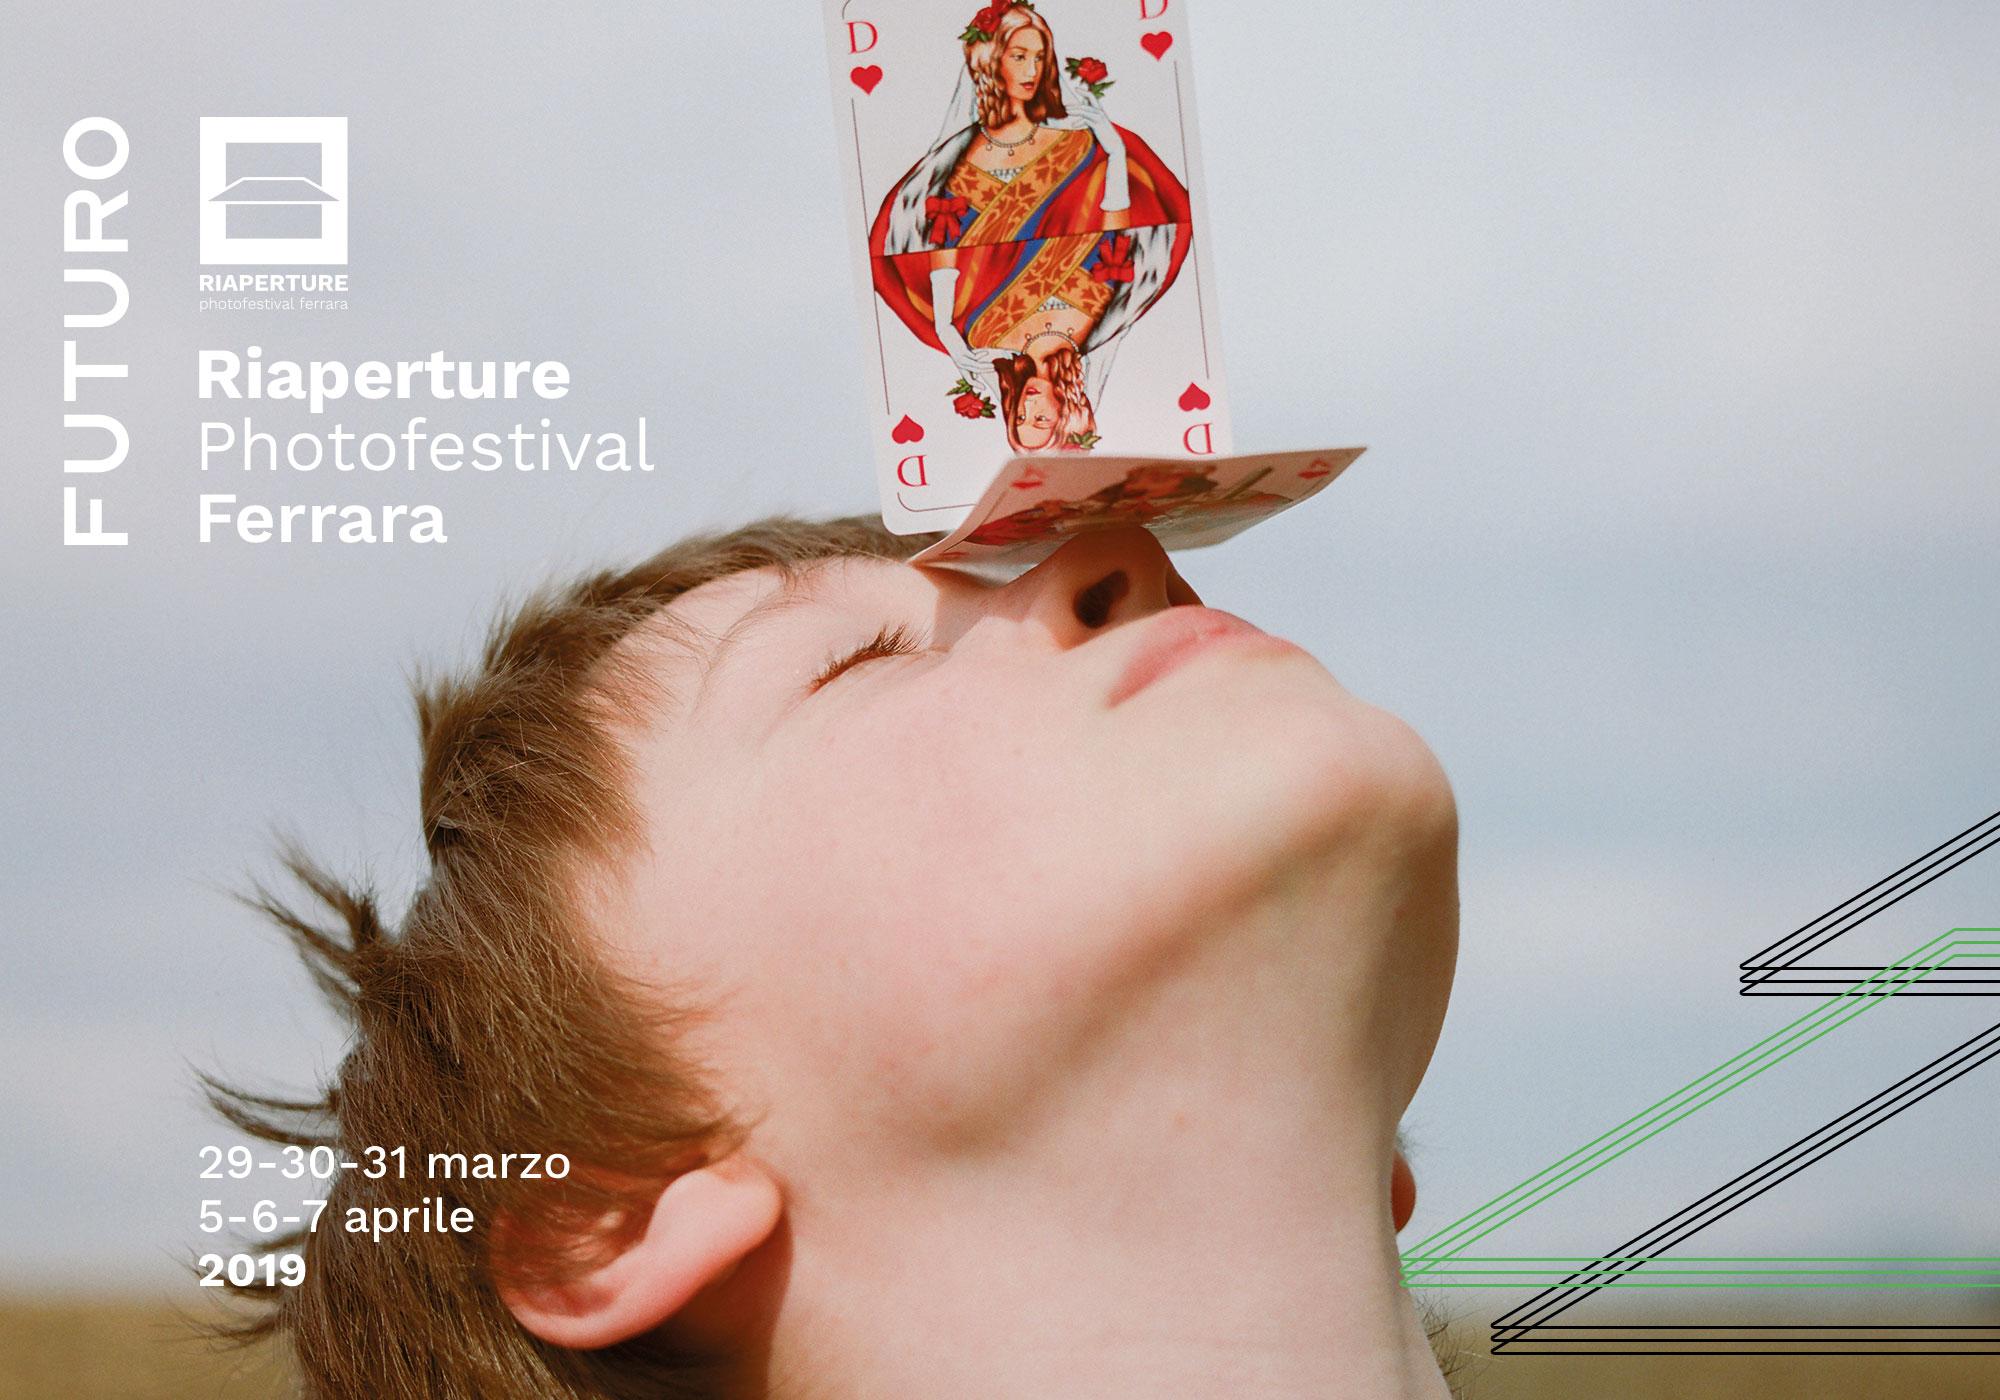 Secondo weekend per Riaperture, il festival tra fotografia che riapre gli spazi chiusi di Ferrara. Assicoop Modena&Ferrara tra i sostenitori